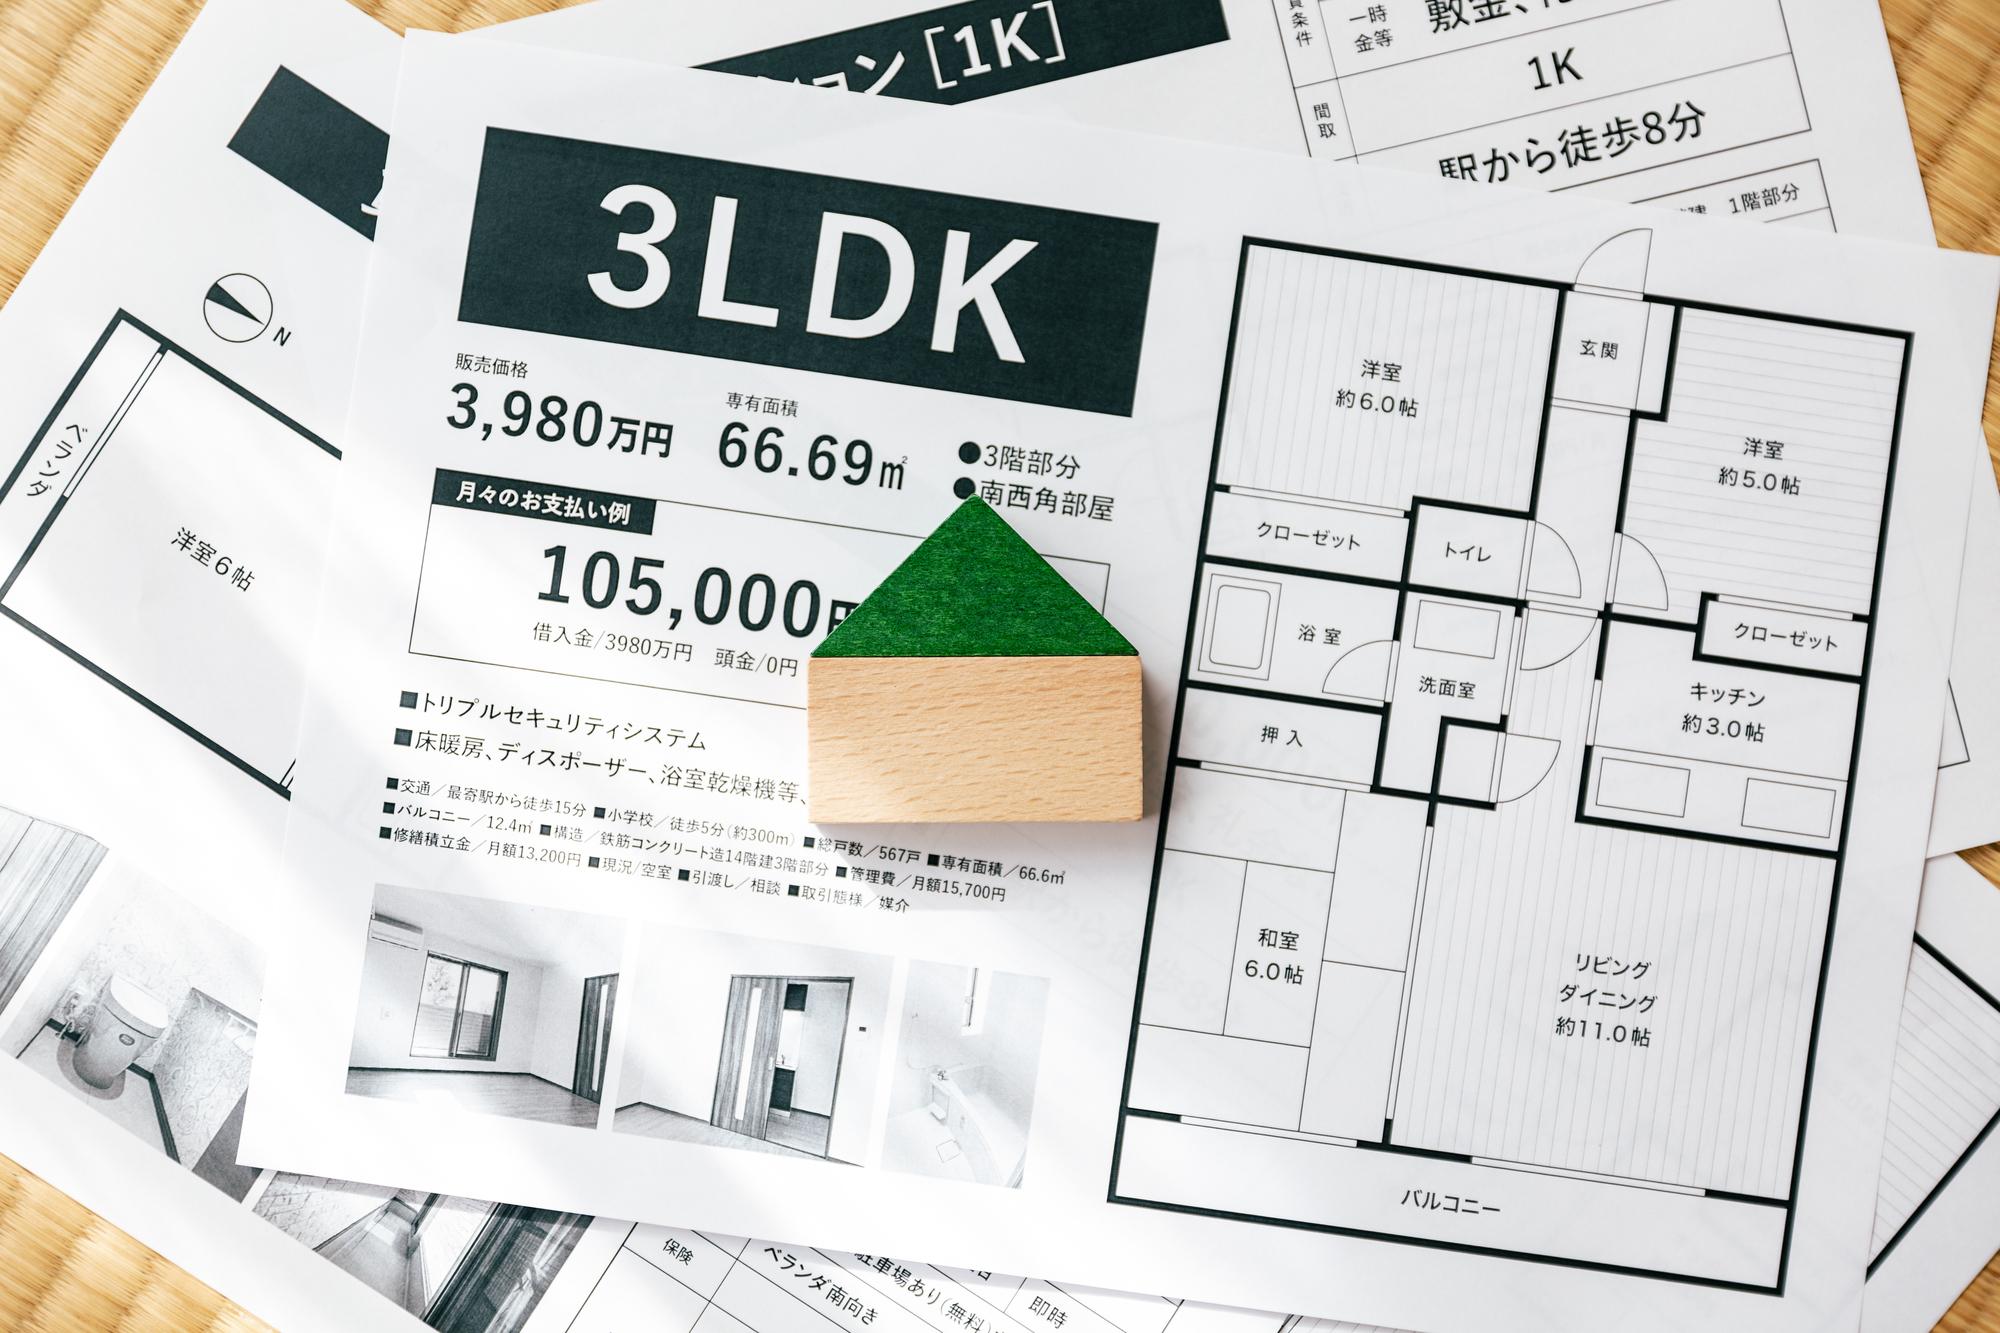 家を売りたい!スムーズに家を売る方法を基本からやさしく解説します!